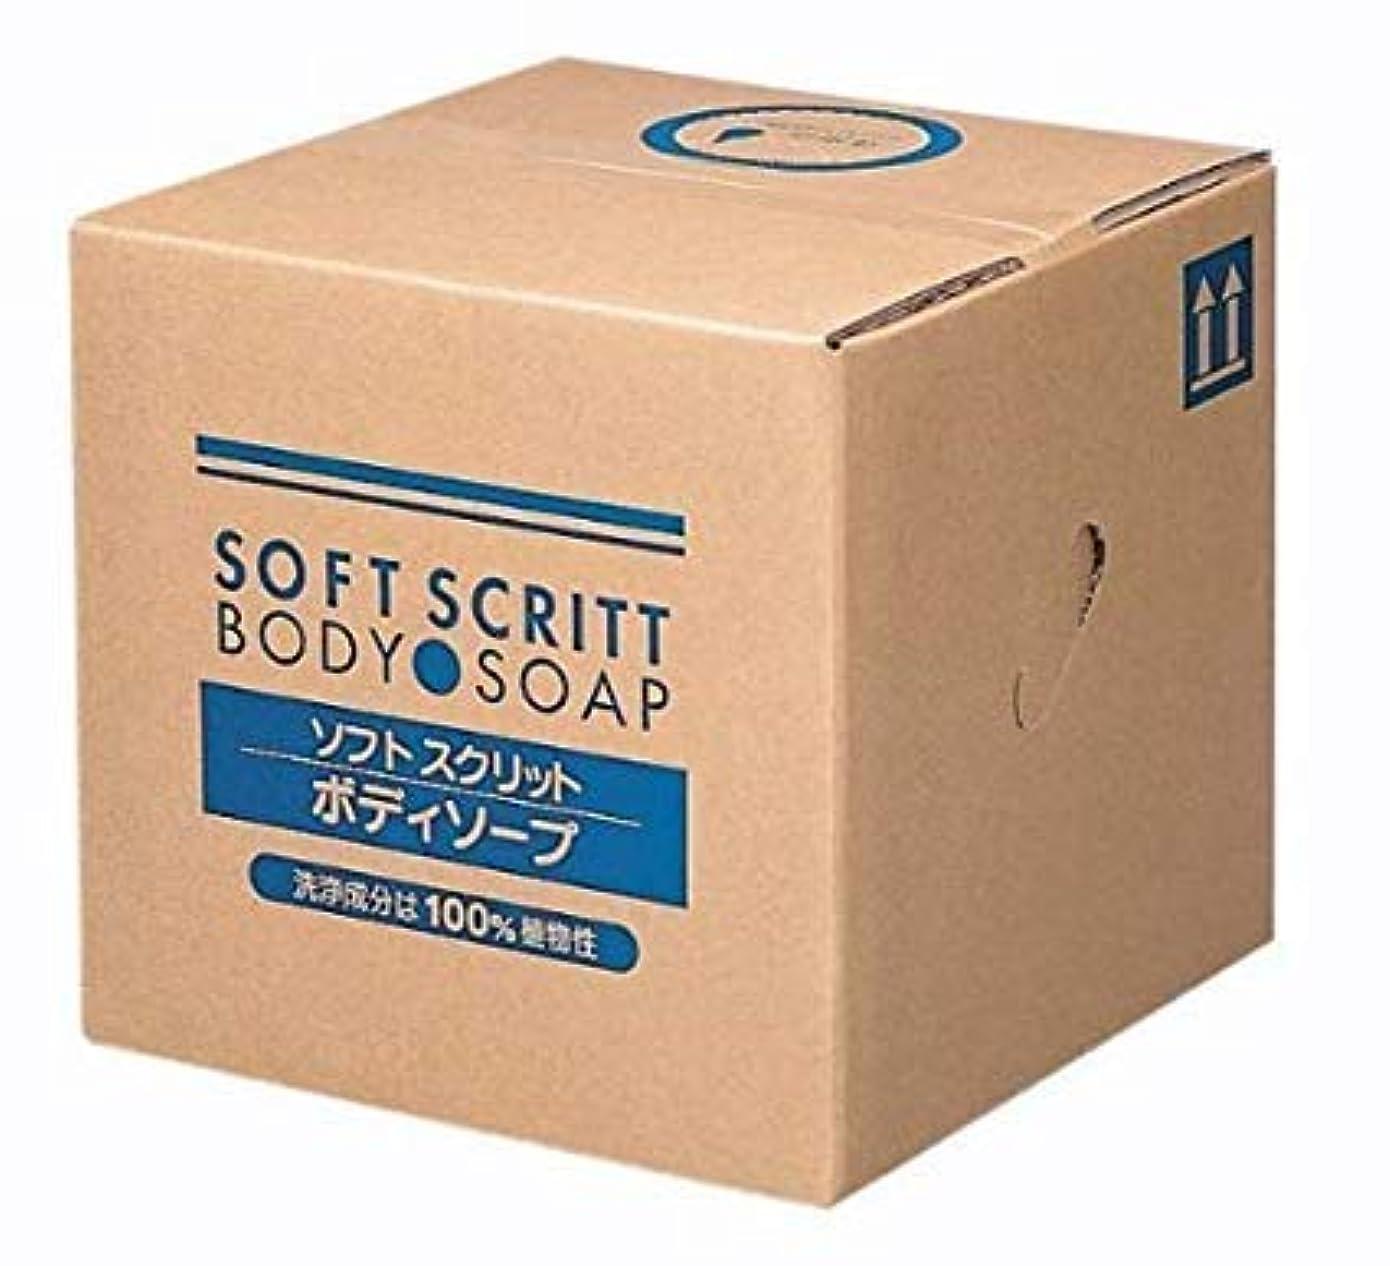 起訴する礼儀電信業務用 SOFT SCRITT(ソフト スクリット) ボディソープ 18L 熊野油脂 (コック無し)